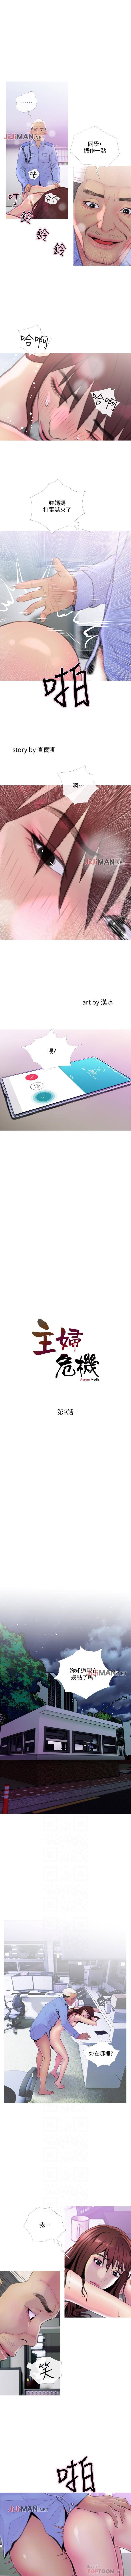 【周五连载】主妇危机(作者:查爾斯&漢水) 第1~26话 57